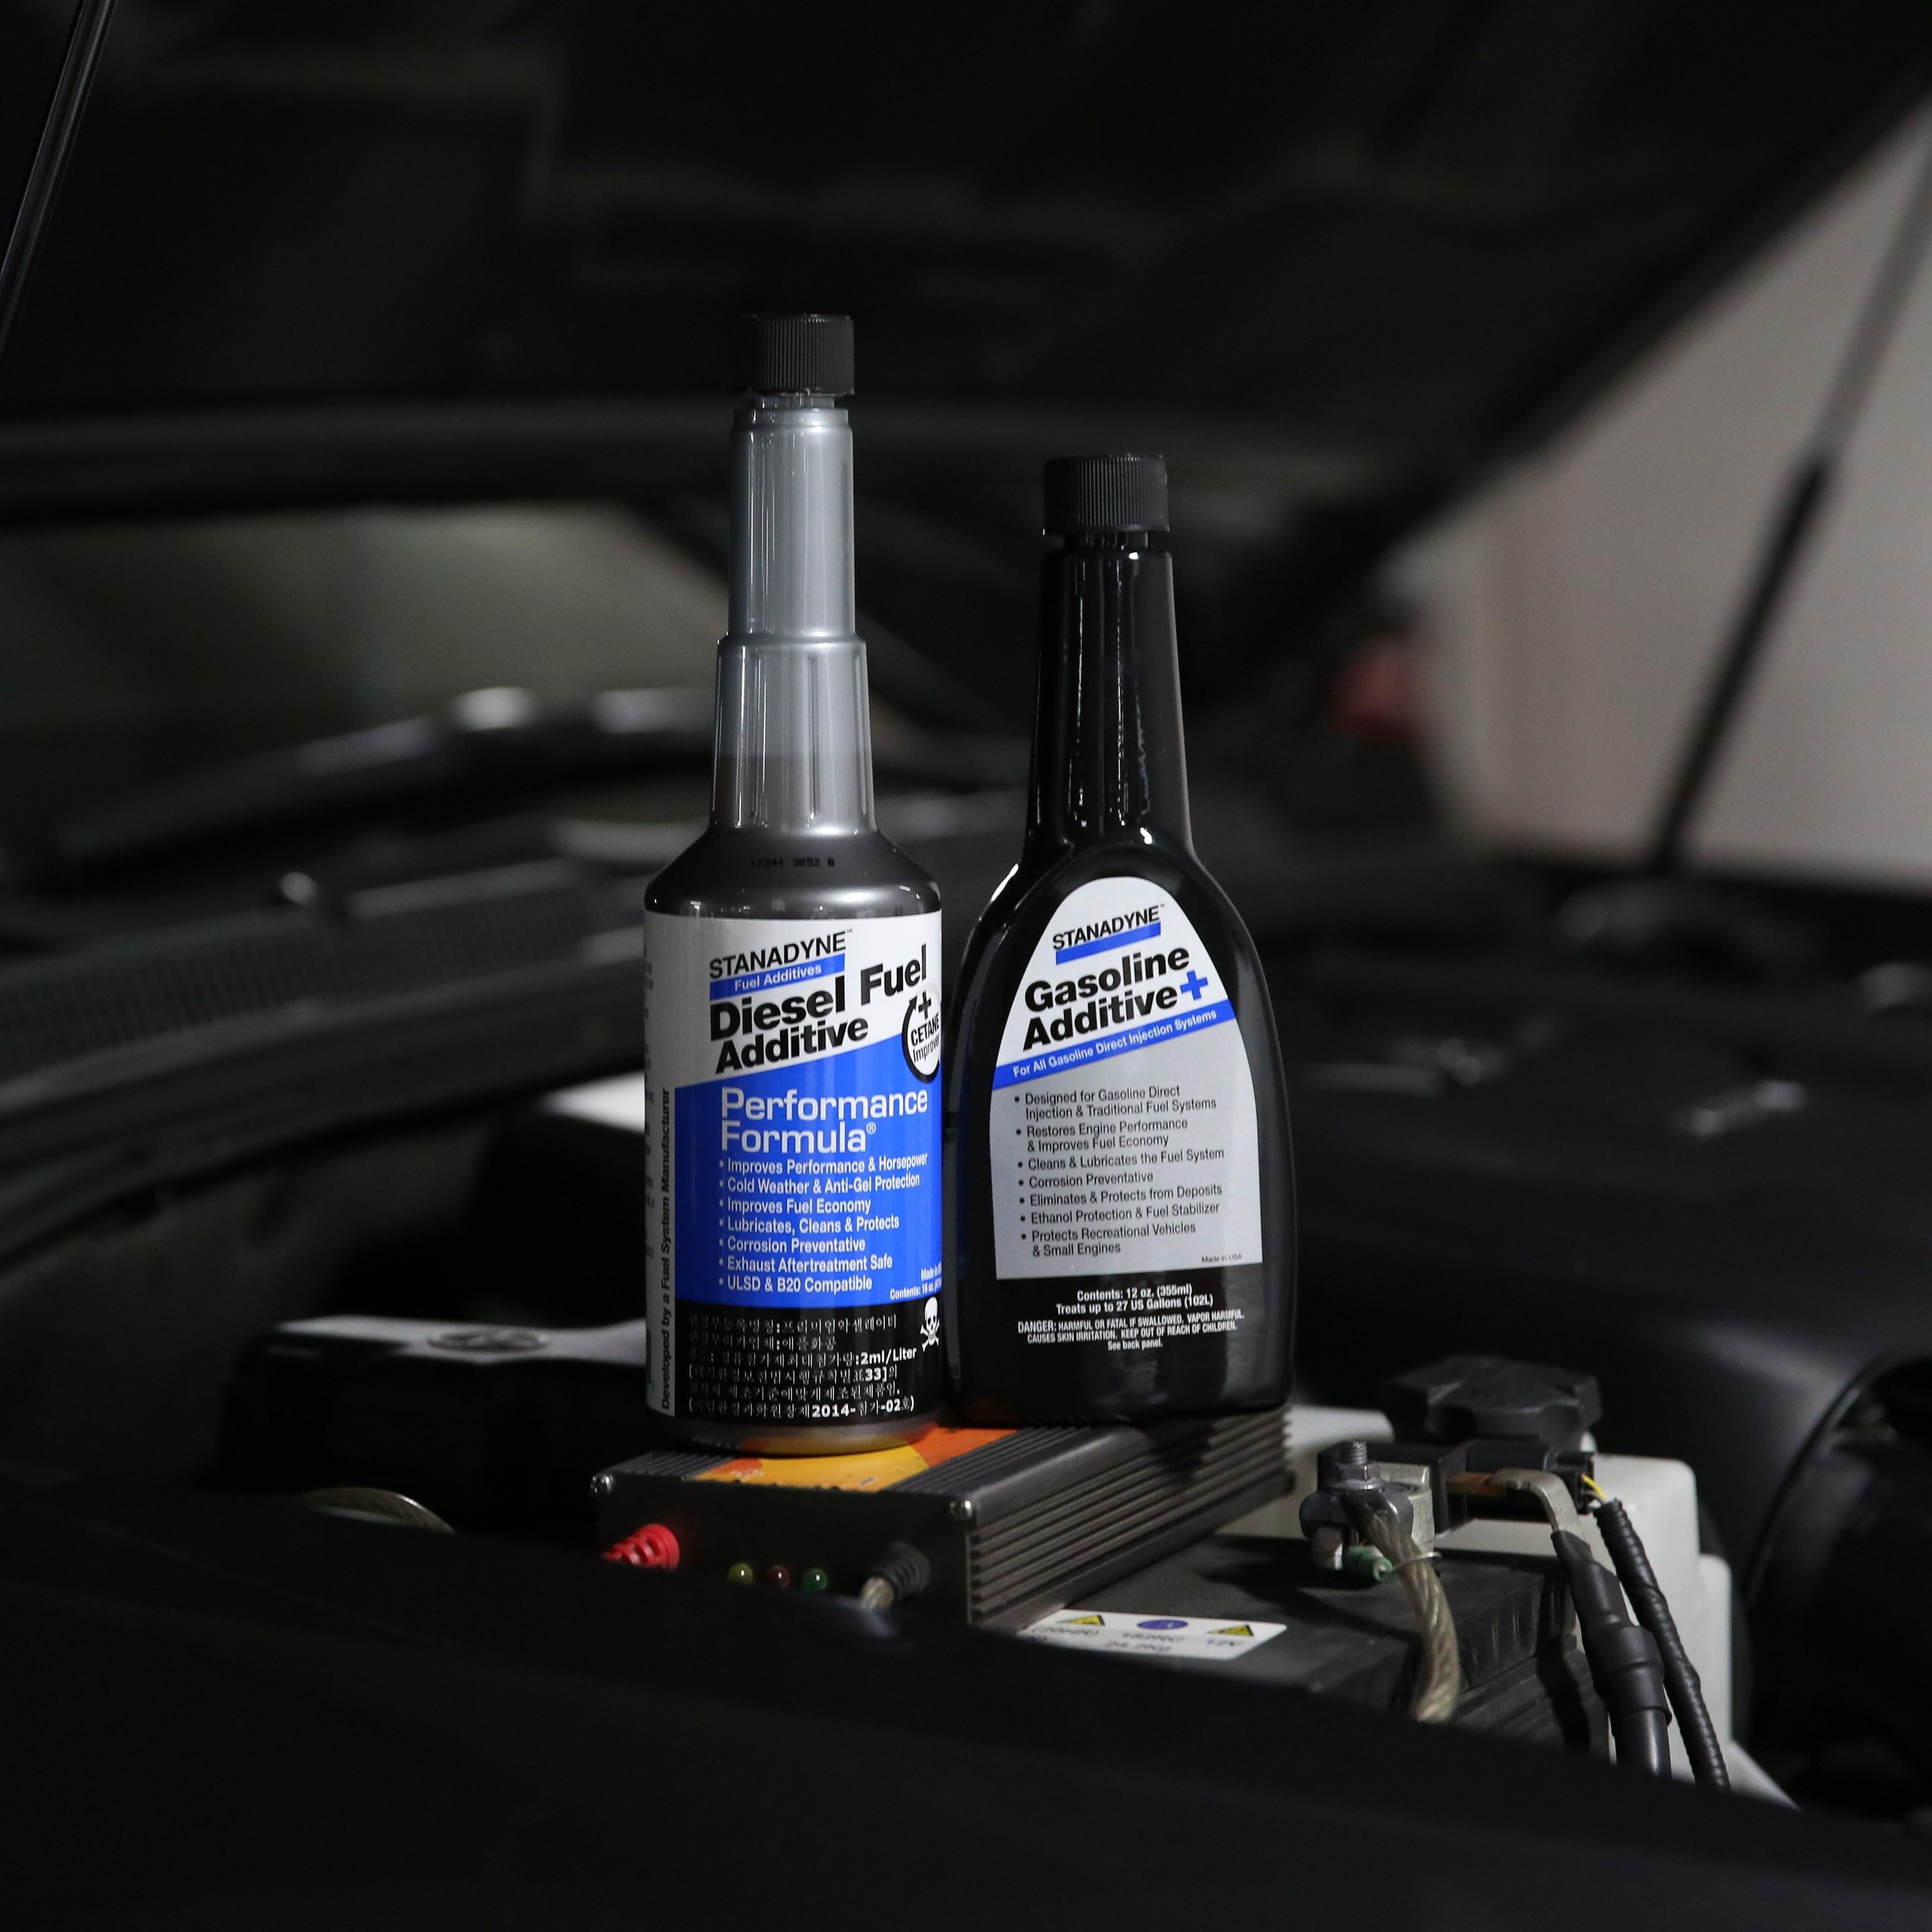 스타나다인 디젤 가솔린 연료첨가제, 12개, 스타나다인 가솔린연료첨가제 355ml